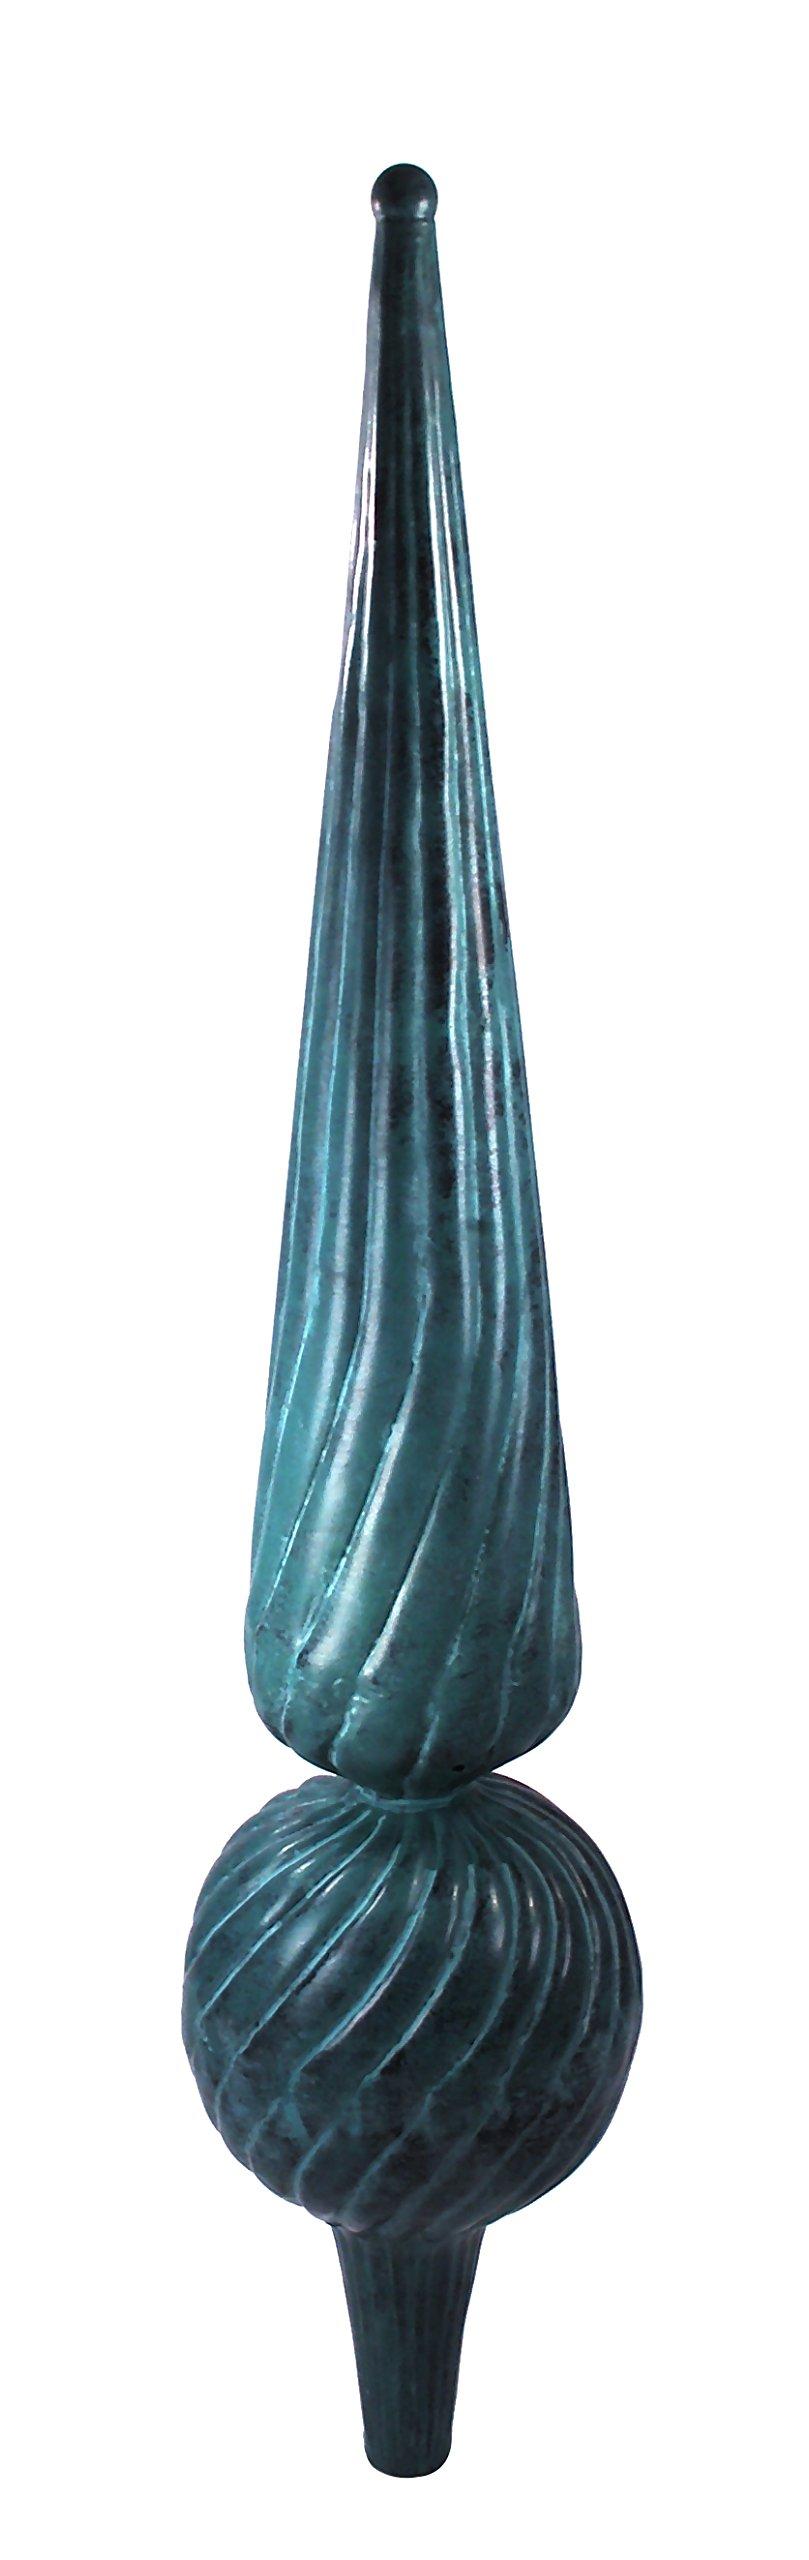 Dalvento Medium Florentine Finial- Verdigris by Dalvento